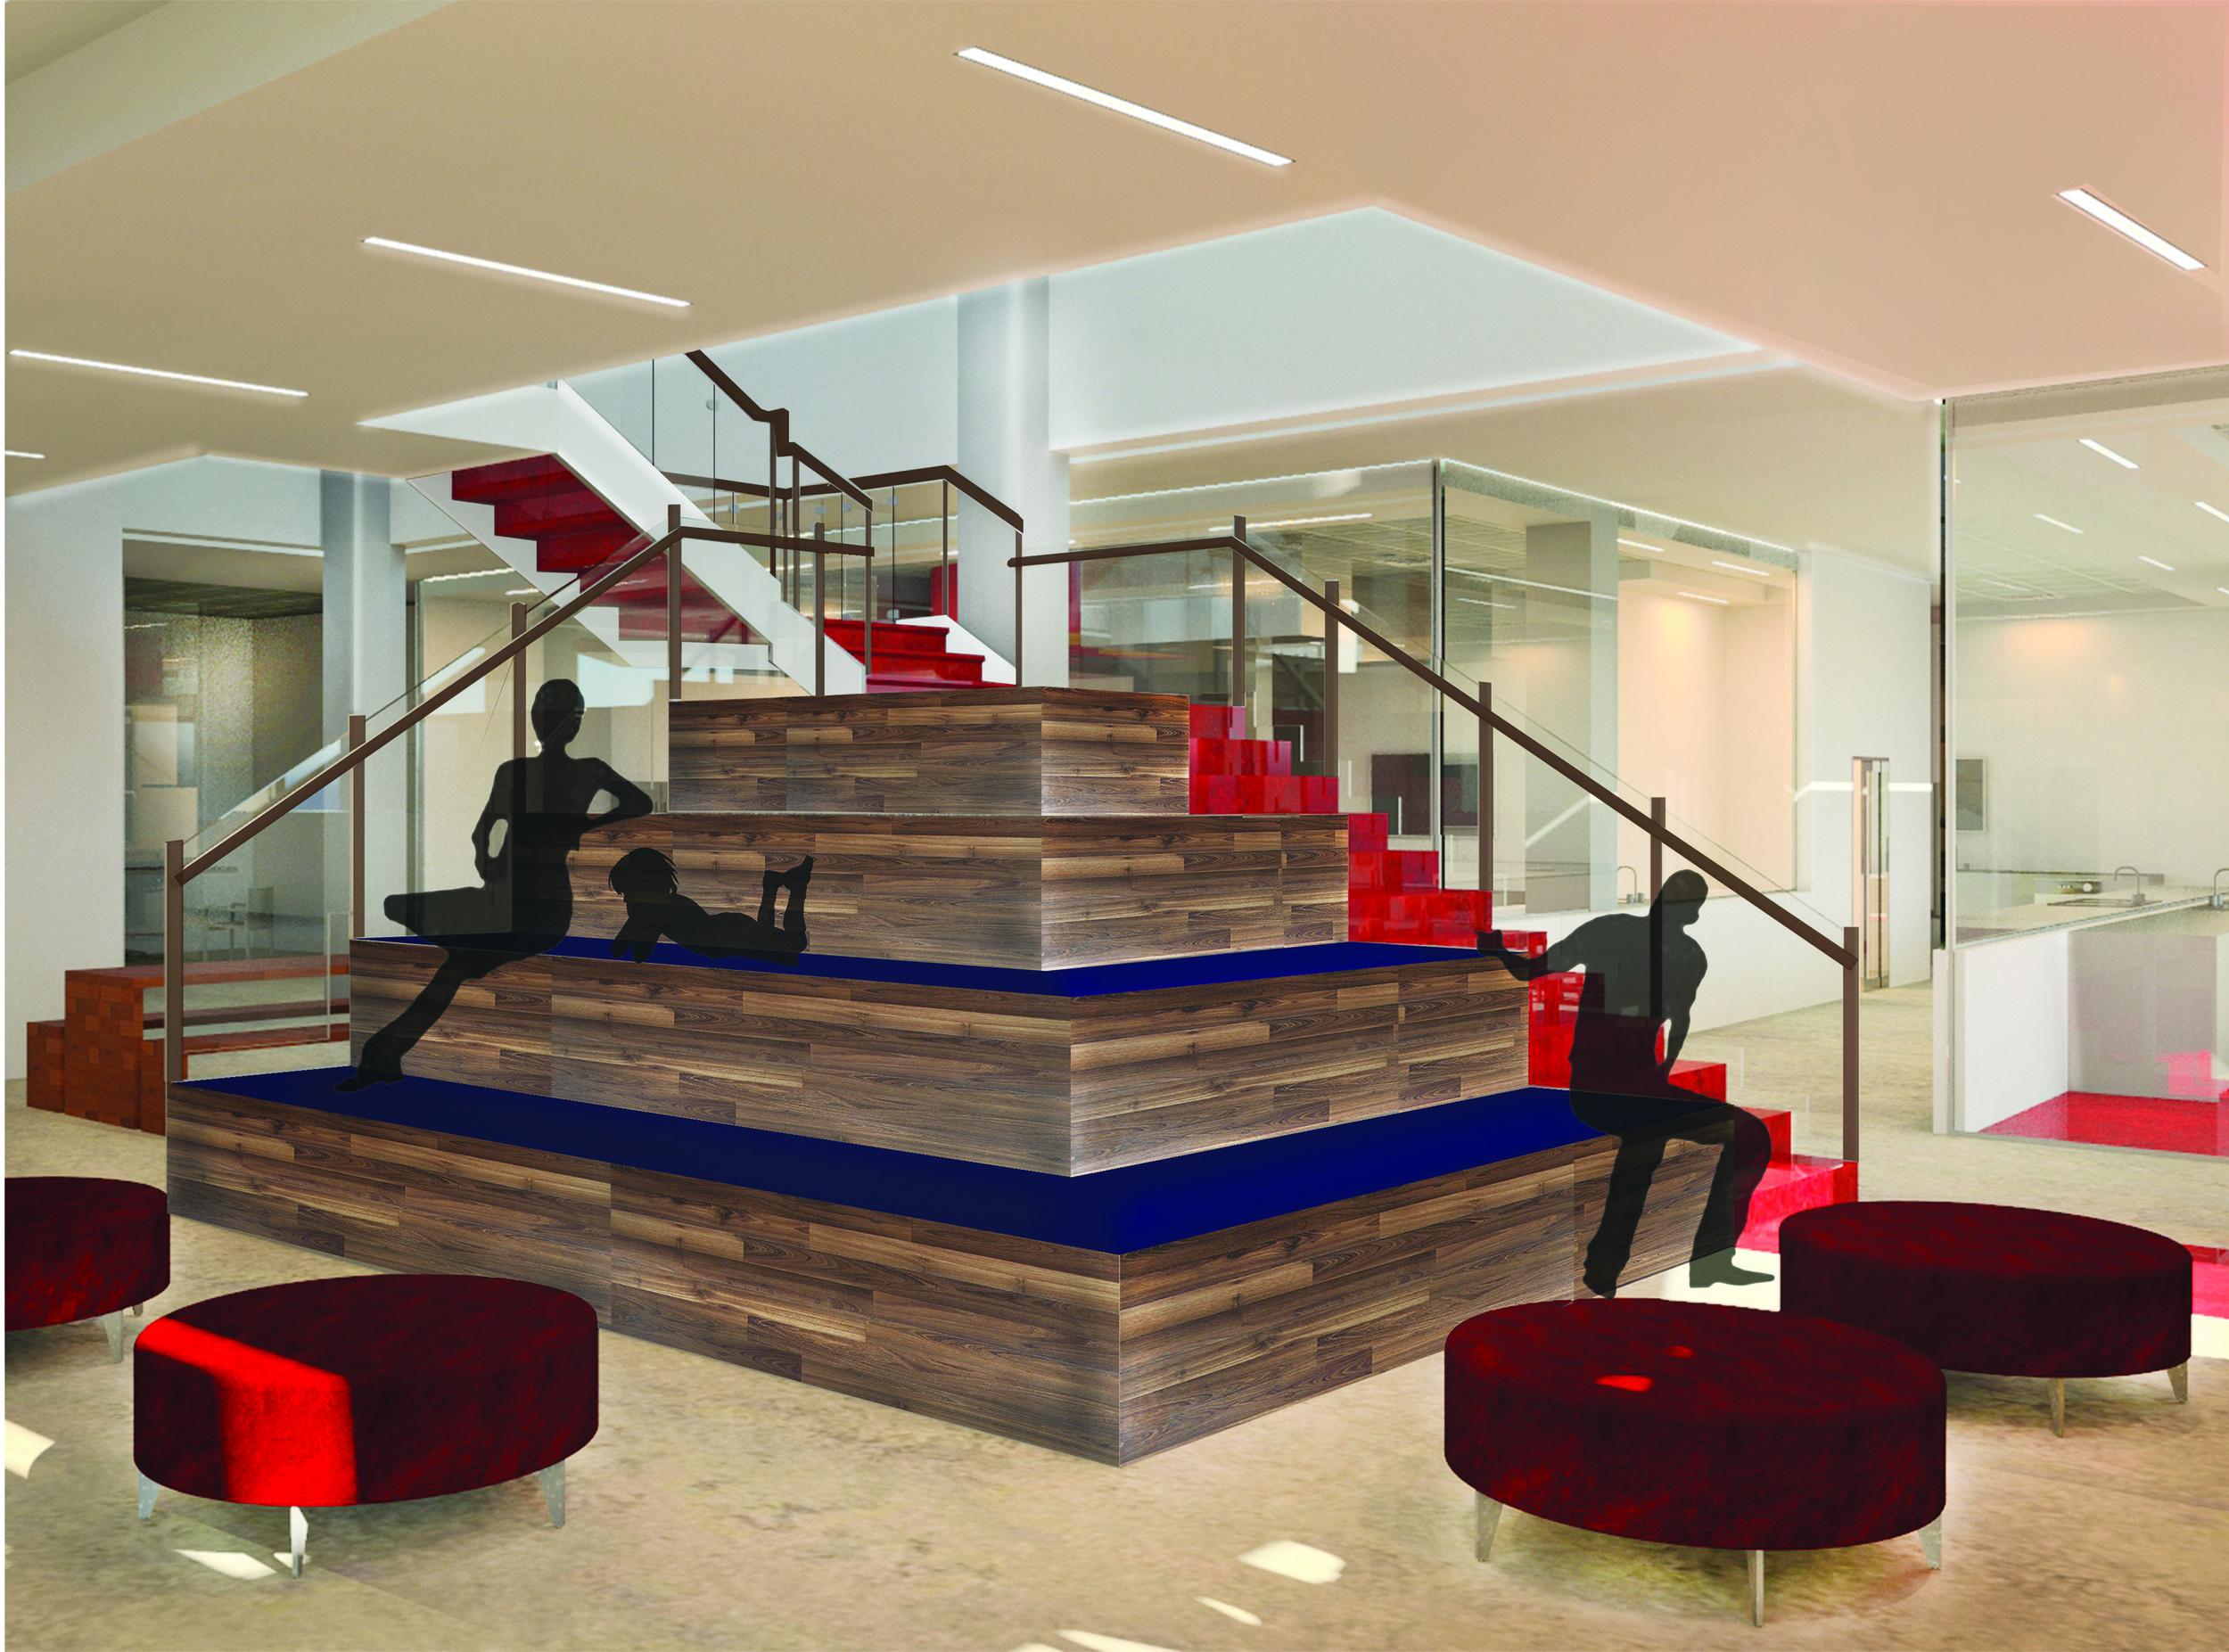 Staircase lounge leading up to the mezzanine level.©2013 Caroline Ingalls